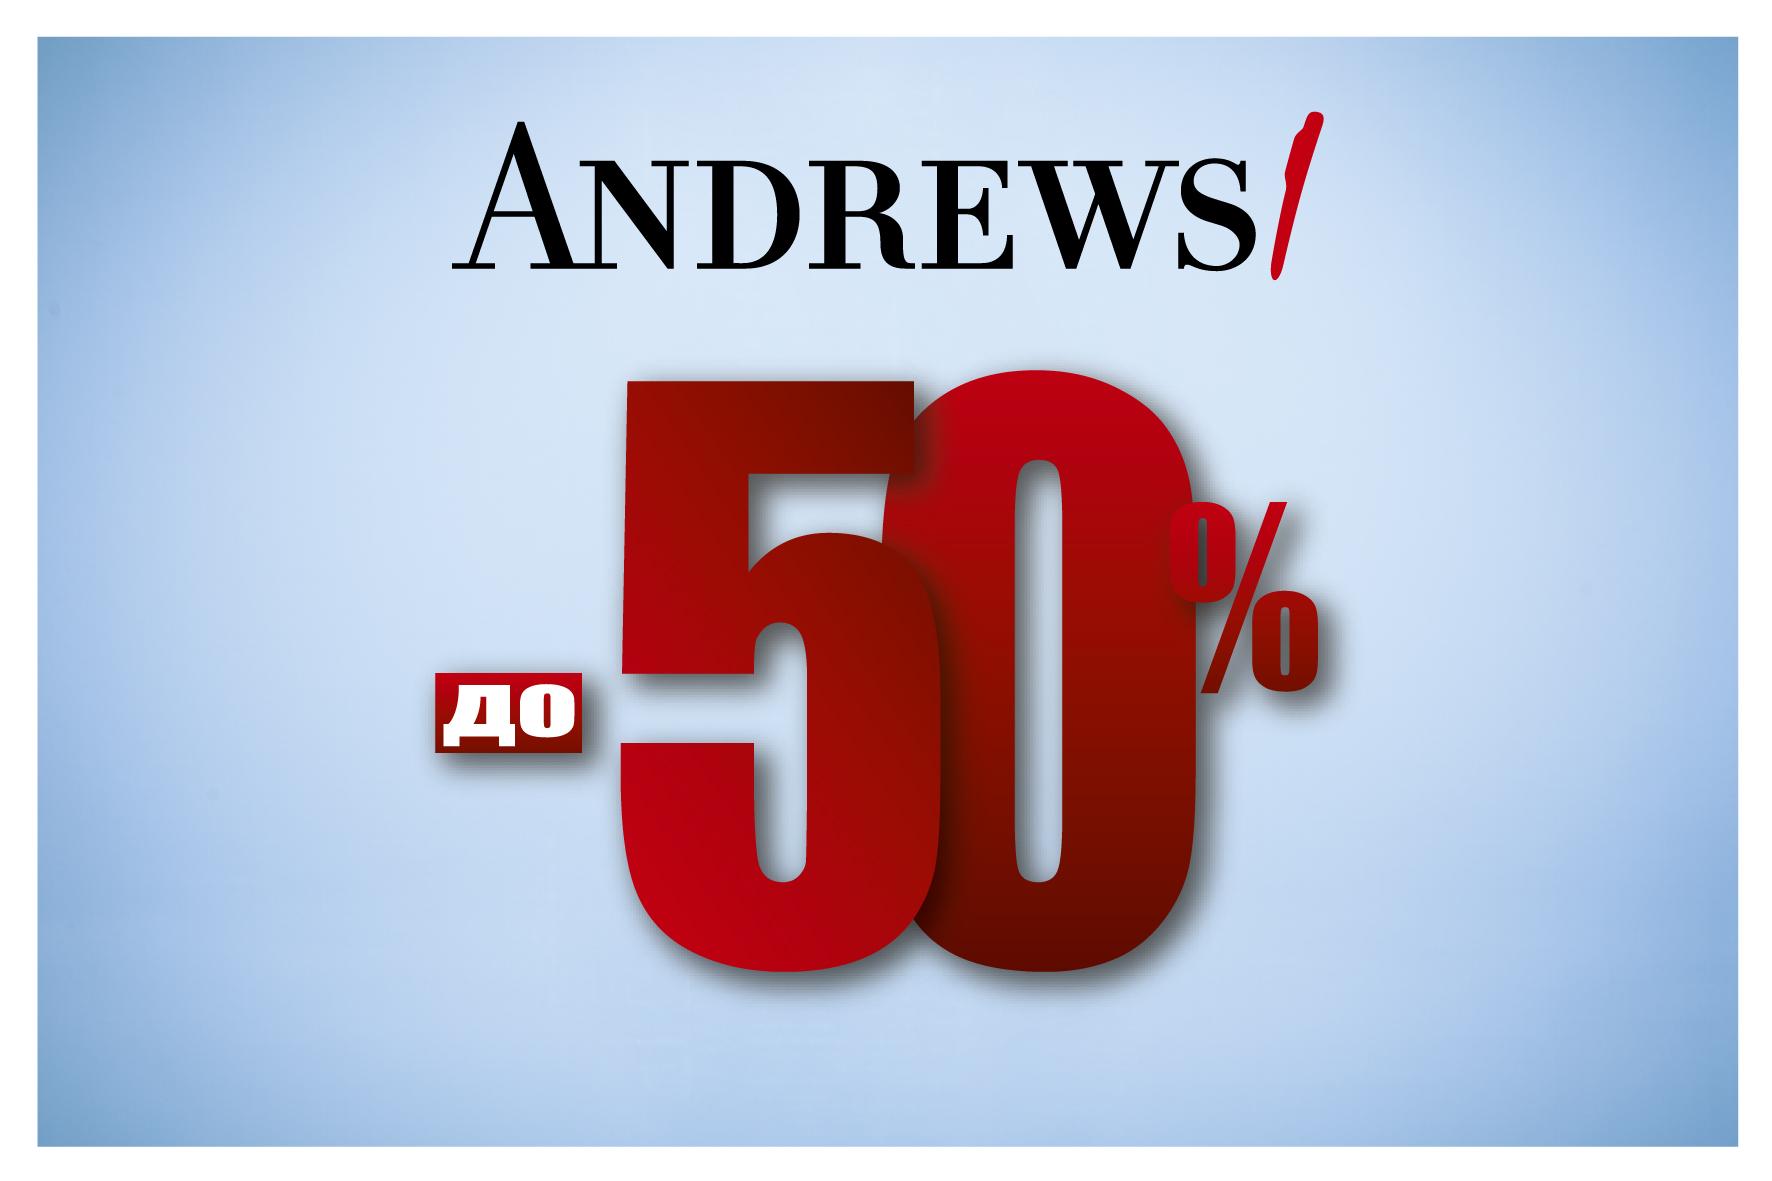 Намаление до -50% в Andrews/